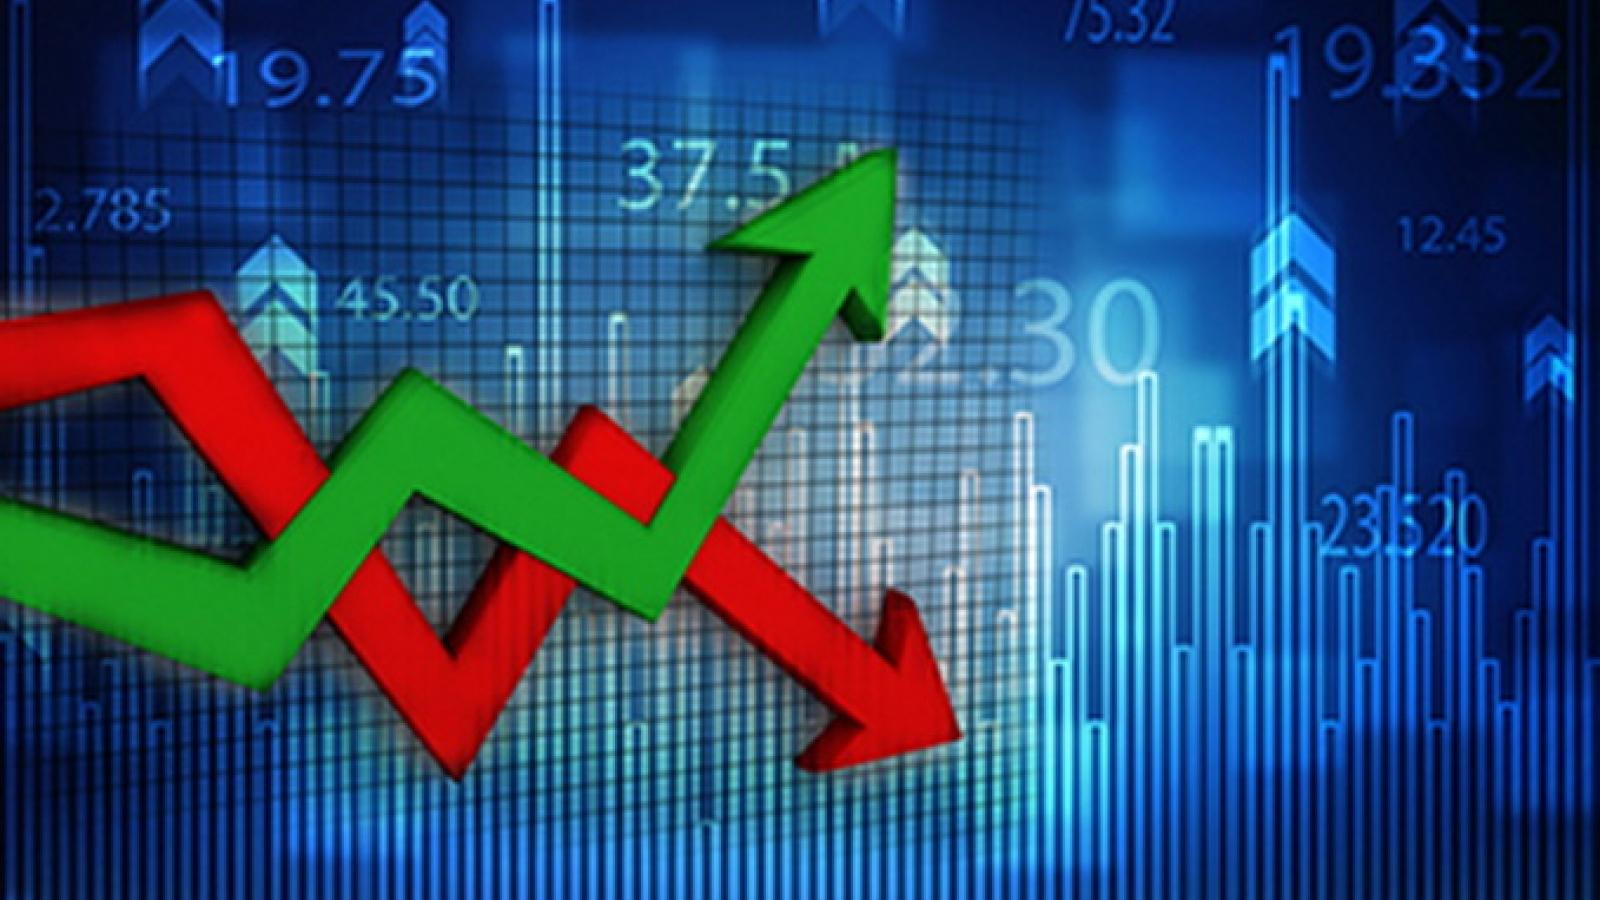 VN-Index có thể hồi phục trở lại, hướng đến vùng kháng cự 1.375-1.380 điểm